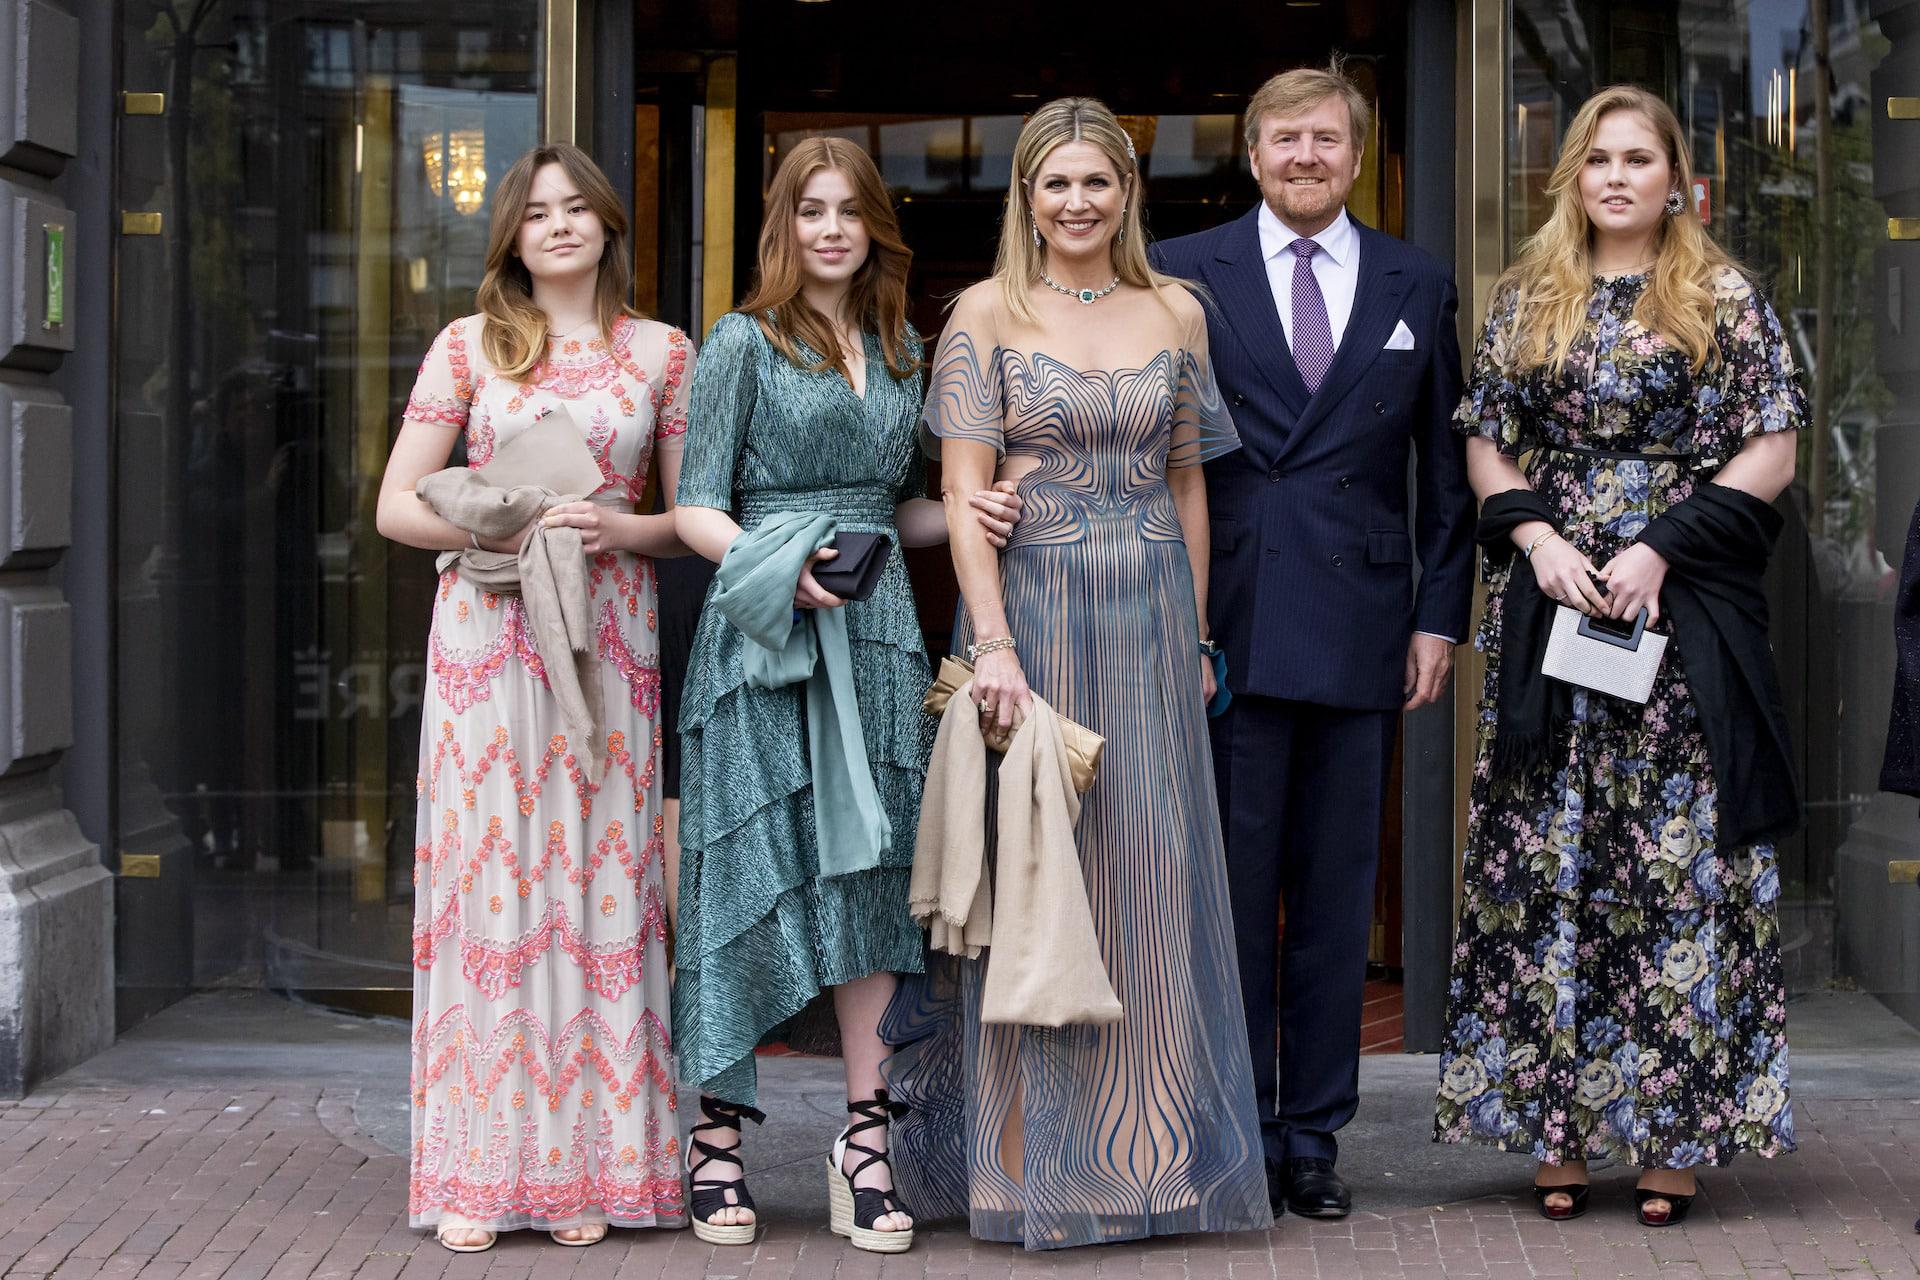 Maxima und Willem-Alexander: Werden sie ihre Töchter impfen lassen?